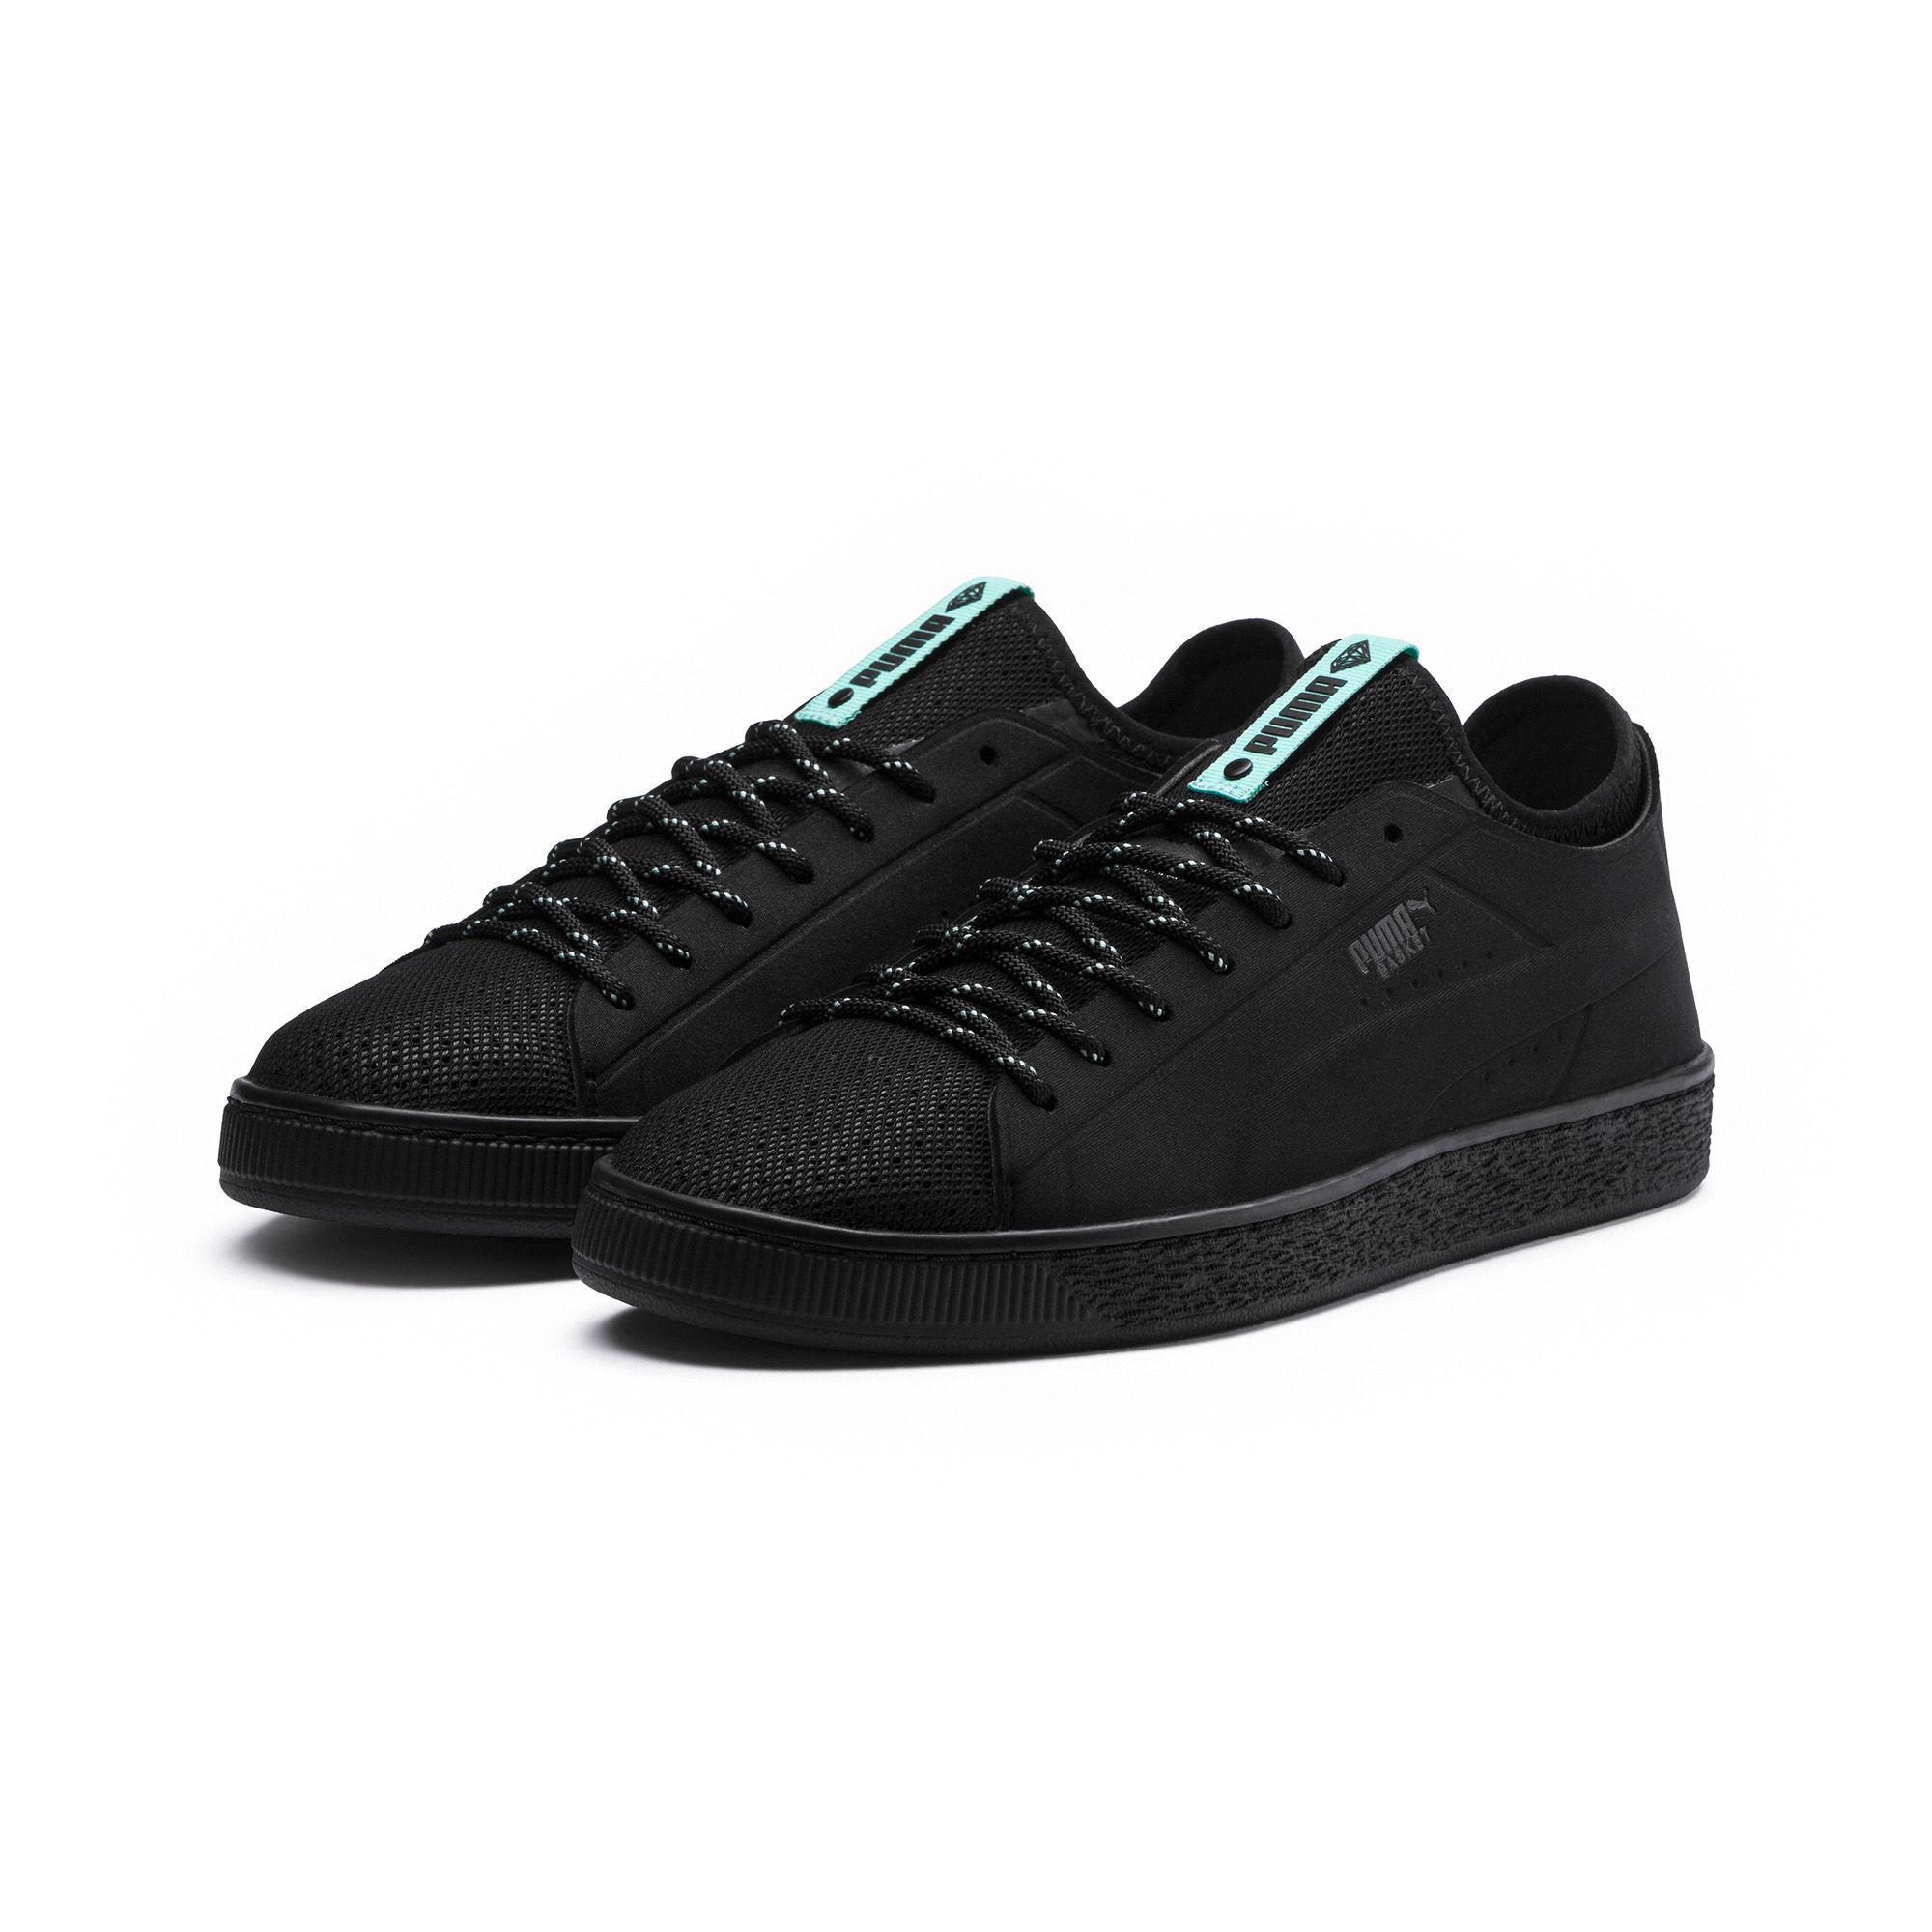 Spielraum Kaufen BASKET SOCK DIAMOND - Sneaker low - black Zum Verkauf Rabatt Verkauf Verkauf Mit Kreditkarte Sneakernews Zum Verkauf Billig Verkauf Echt r8ooUYe